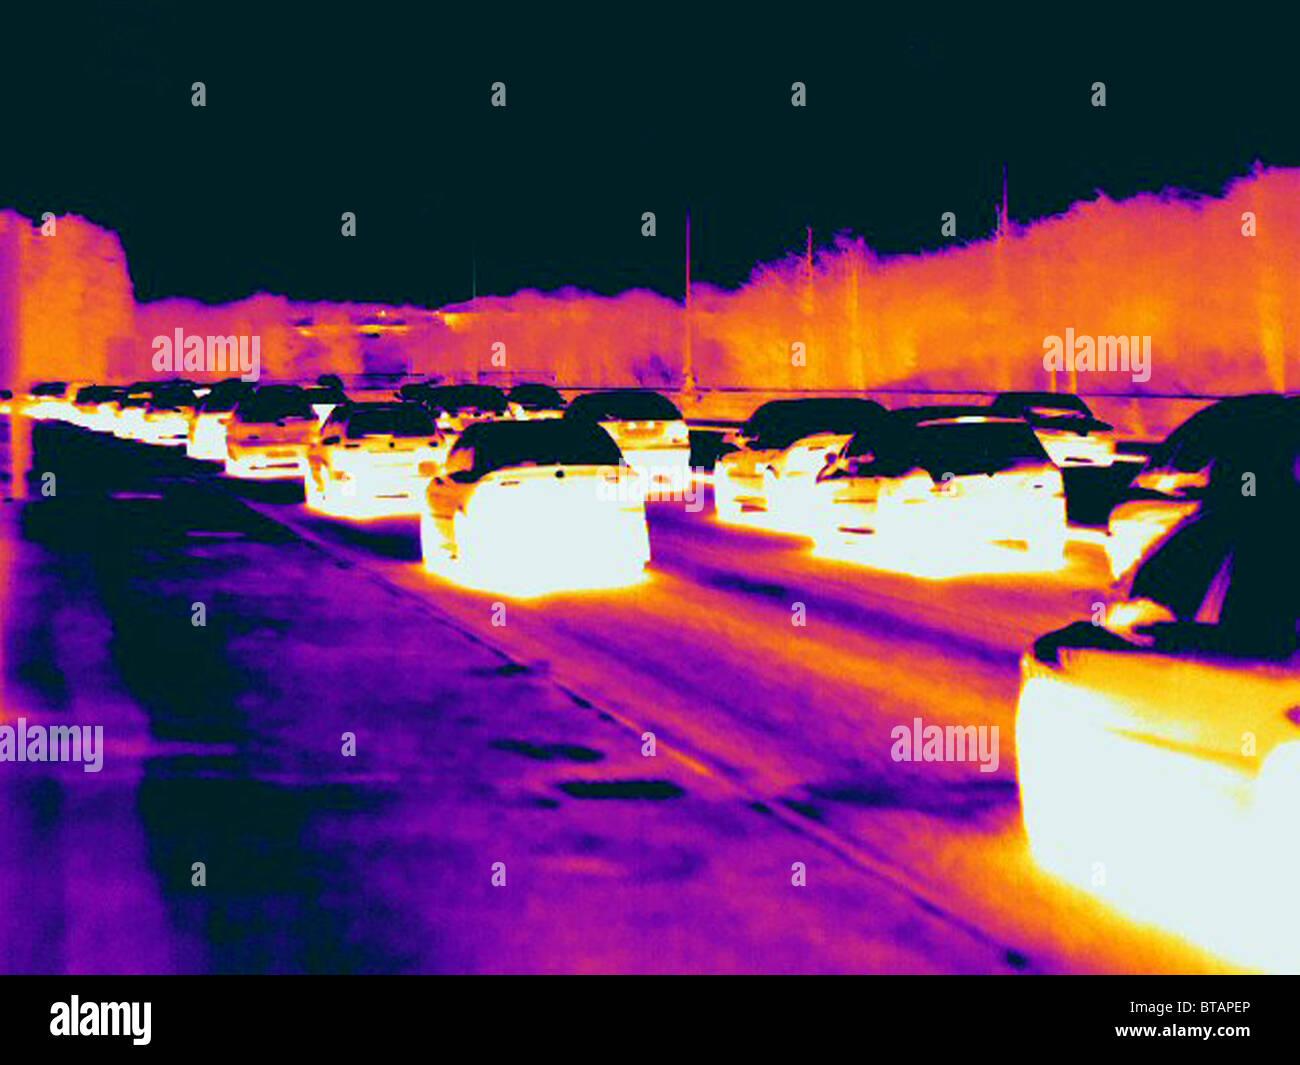 Image thermique d'un embouteillage Photo Stock